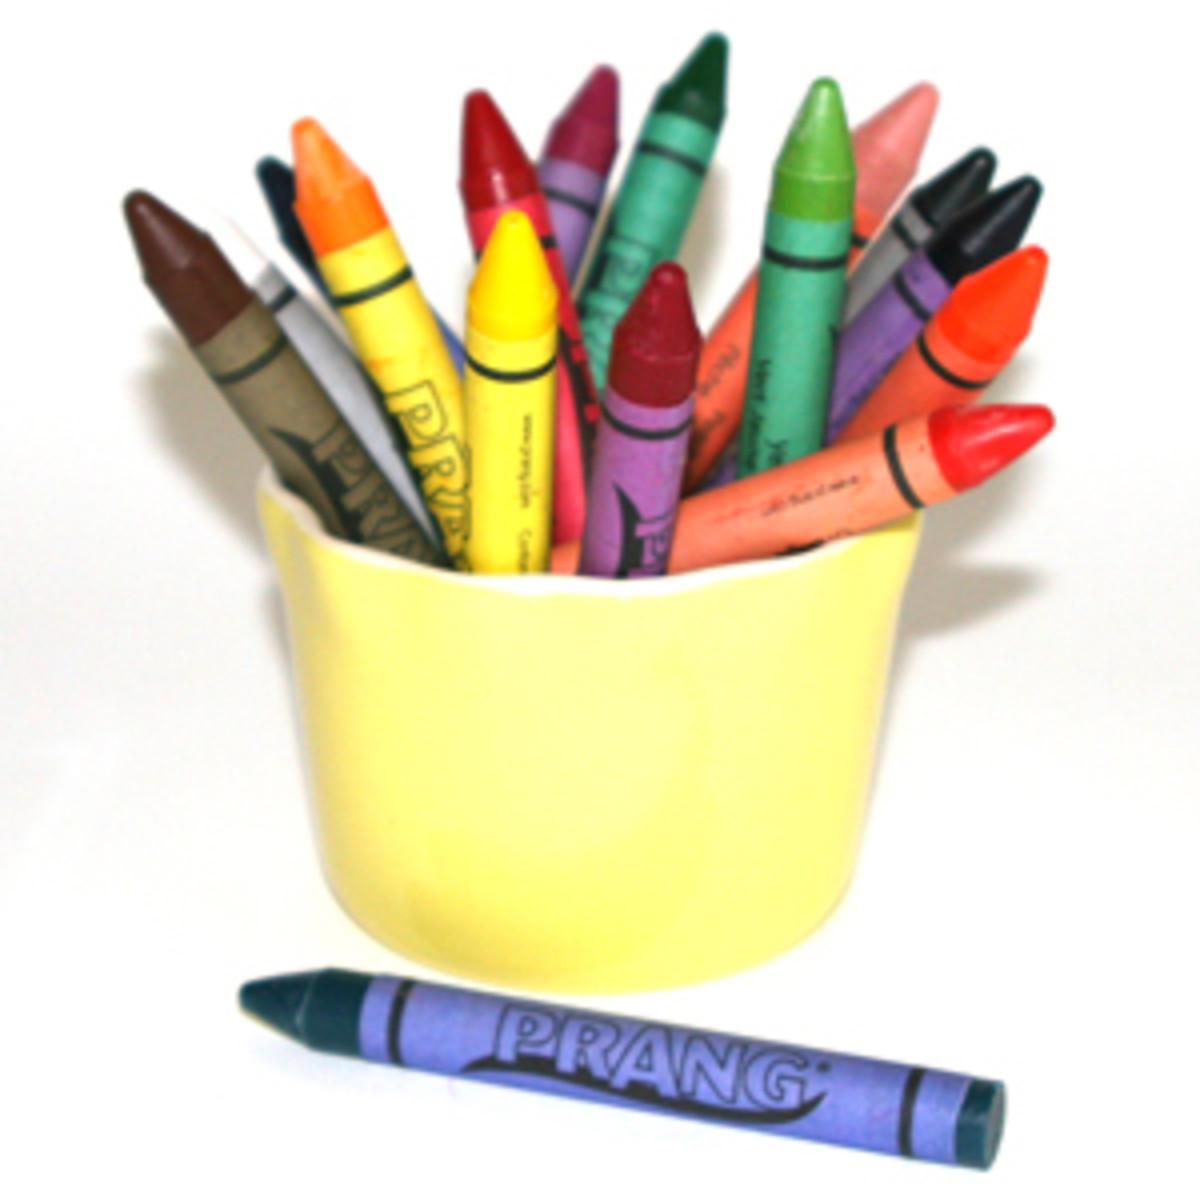 Earth-friendly, Kids-friendly Crayons & DIY Eggshells Sidewalk Chalk